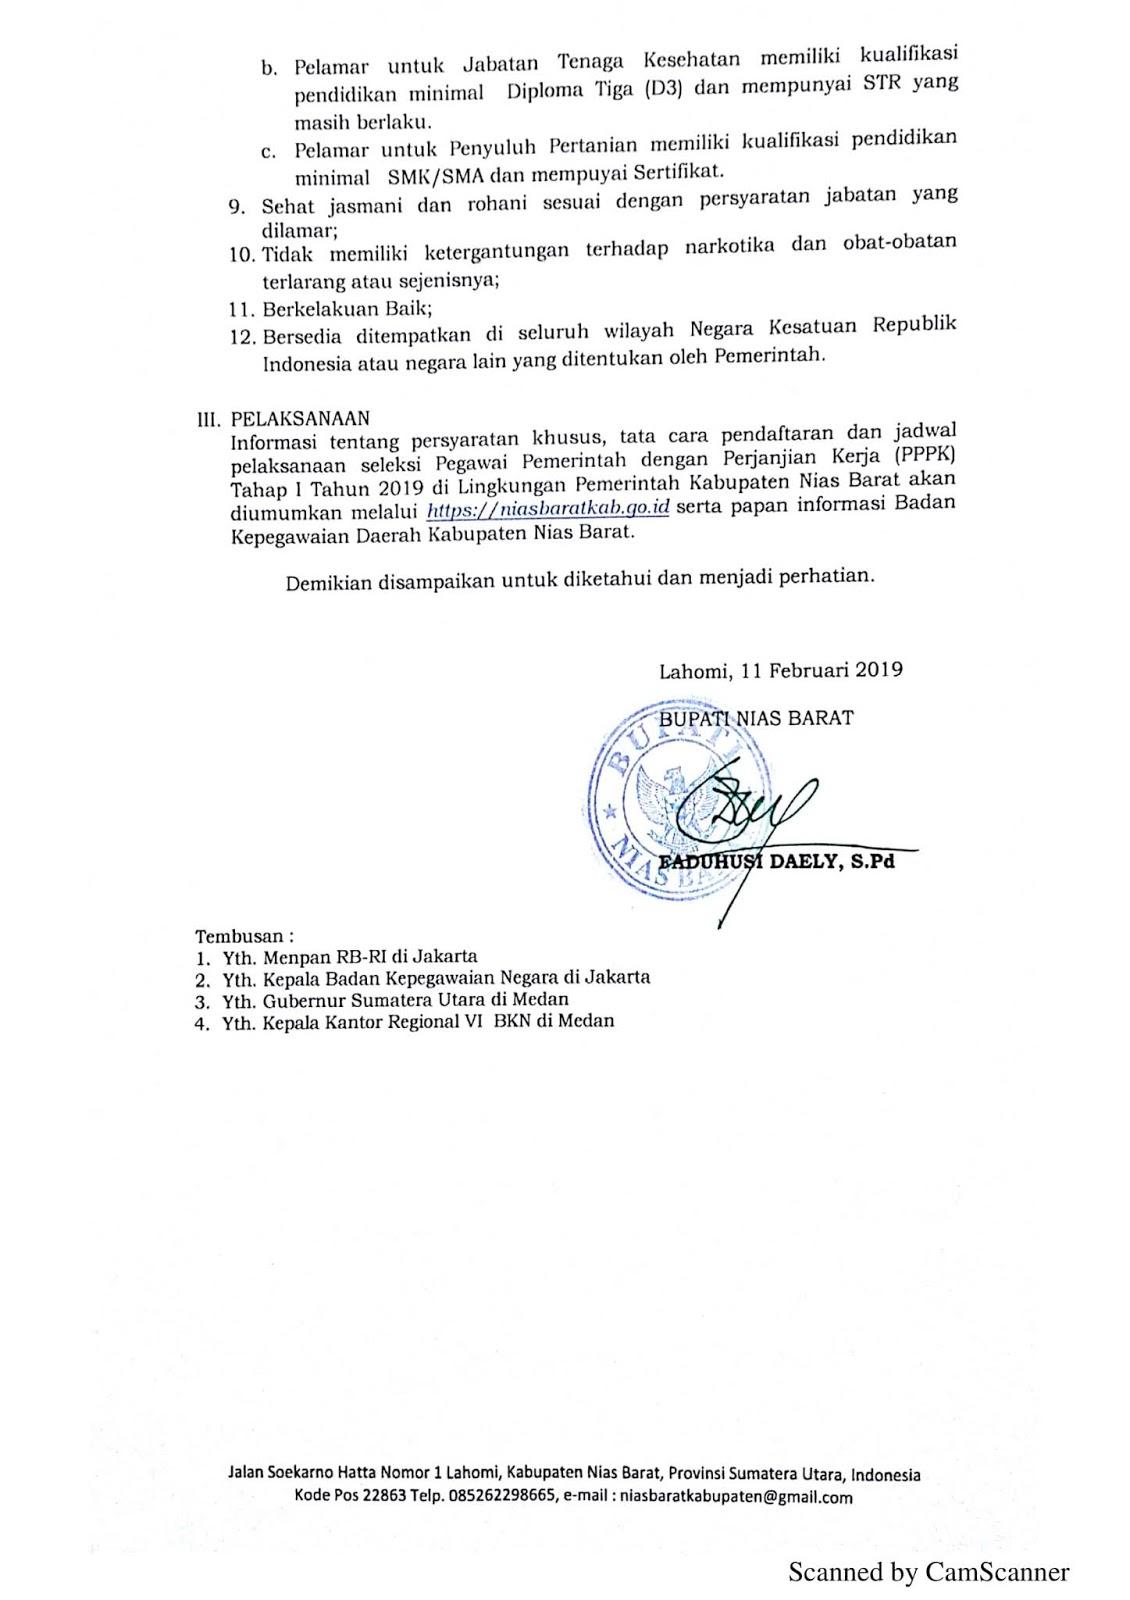 Penerimaan Pegawai Pemerintah dengan Perjanjian Kerja Kabupaten Nias Barat Tahun 2019